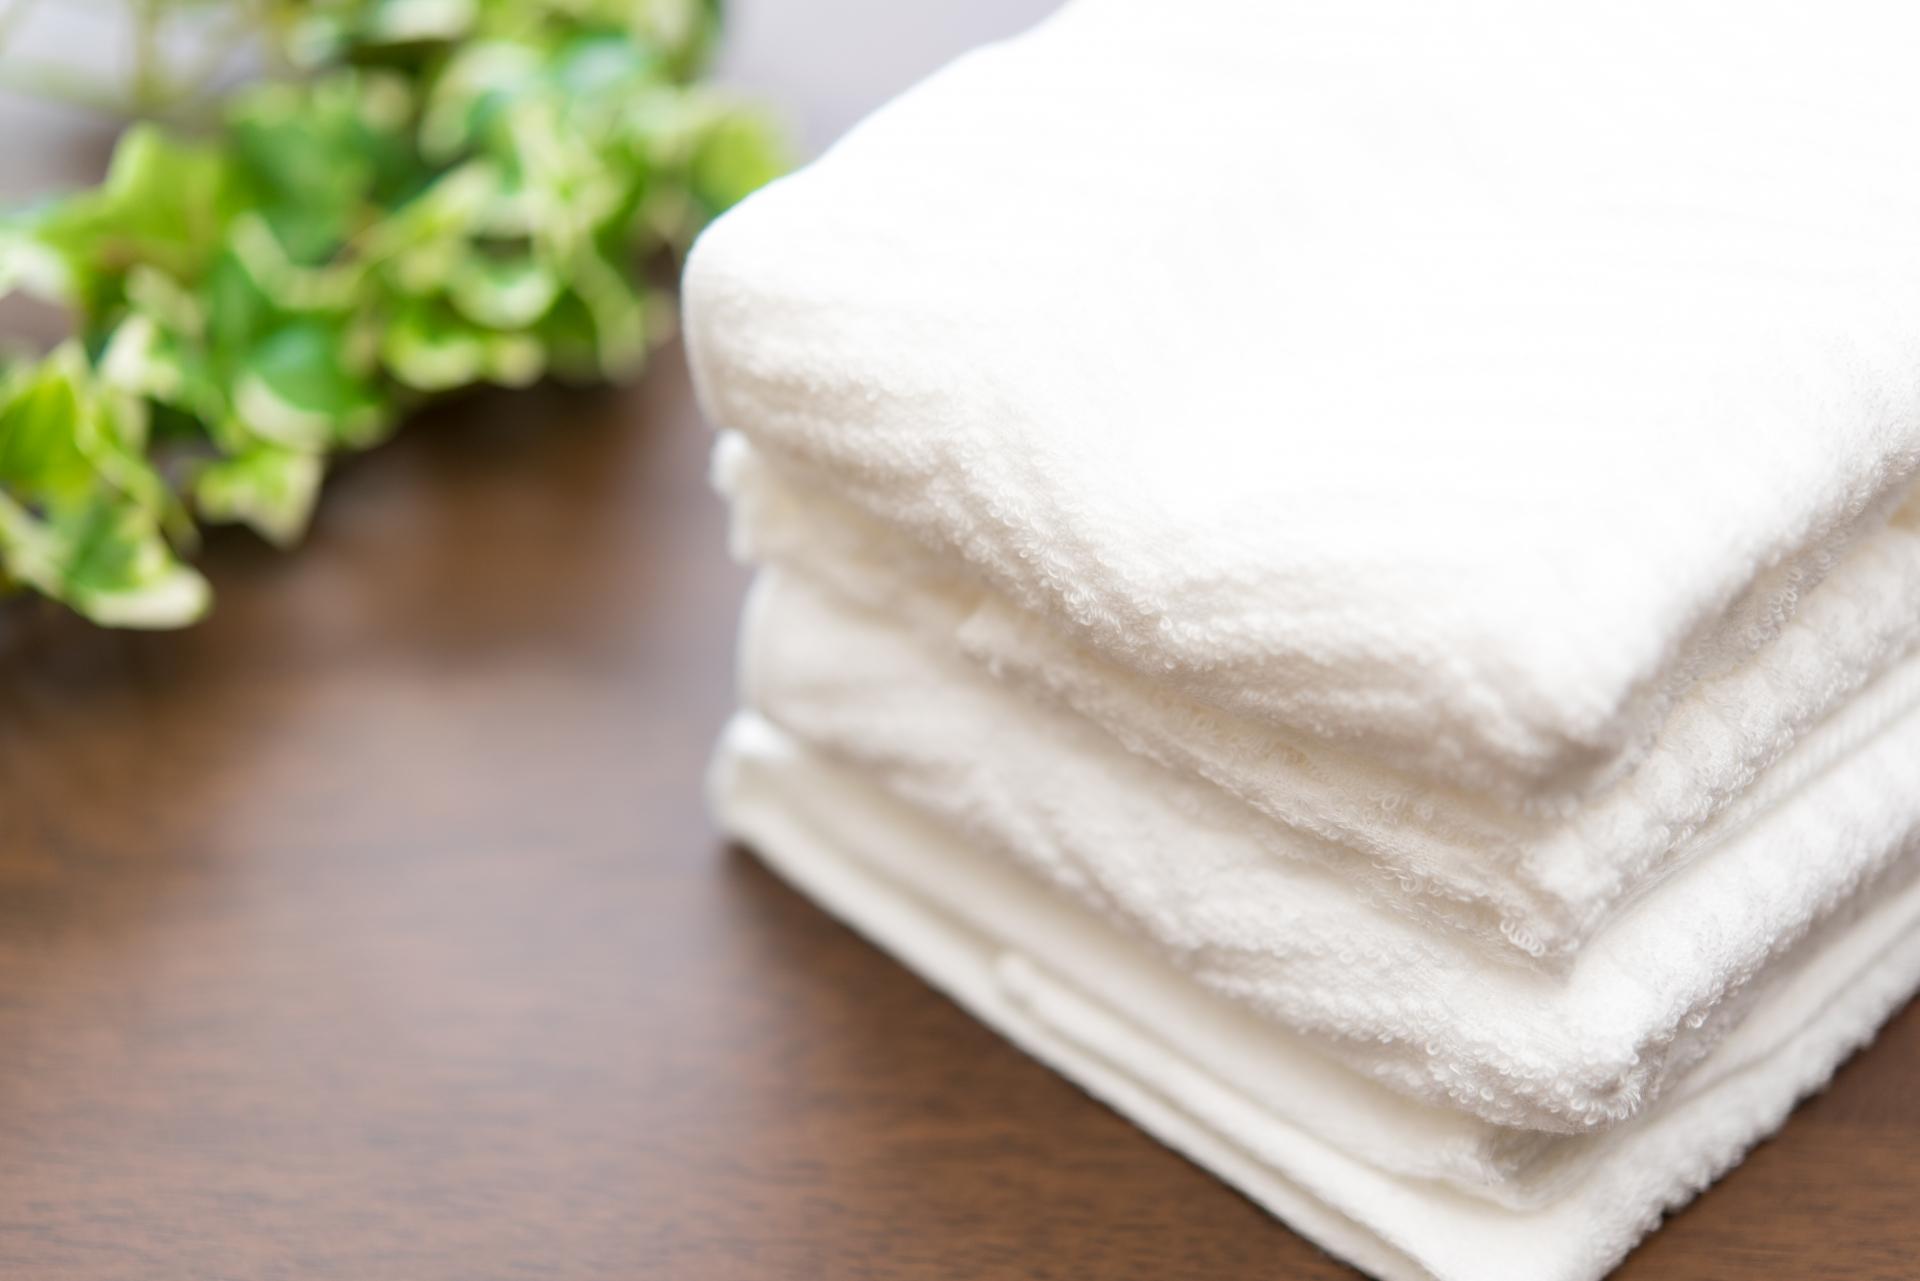 ハンカチやタオルとかを共有するとアクネ菌がうつる確率は高くなります。